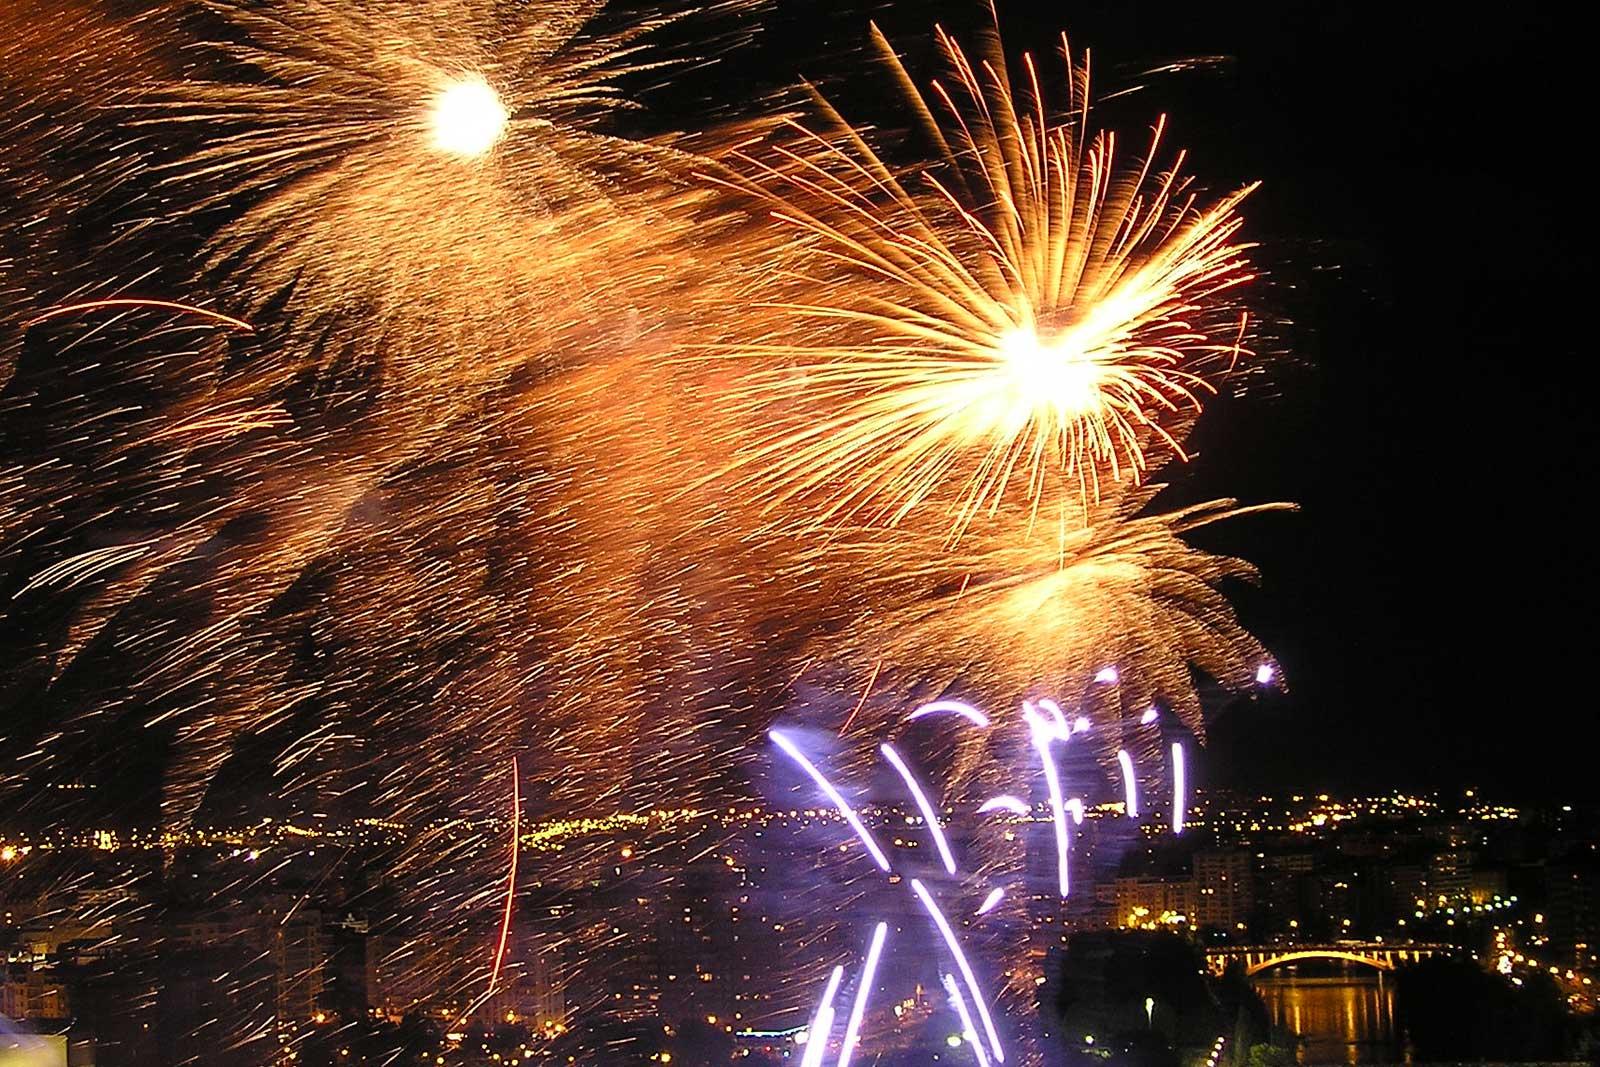 feux d'artifice sur Valladolid laboutiquedemelimelo